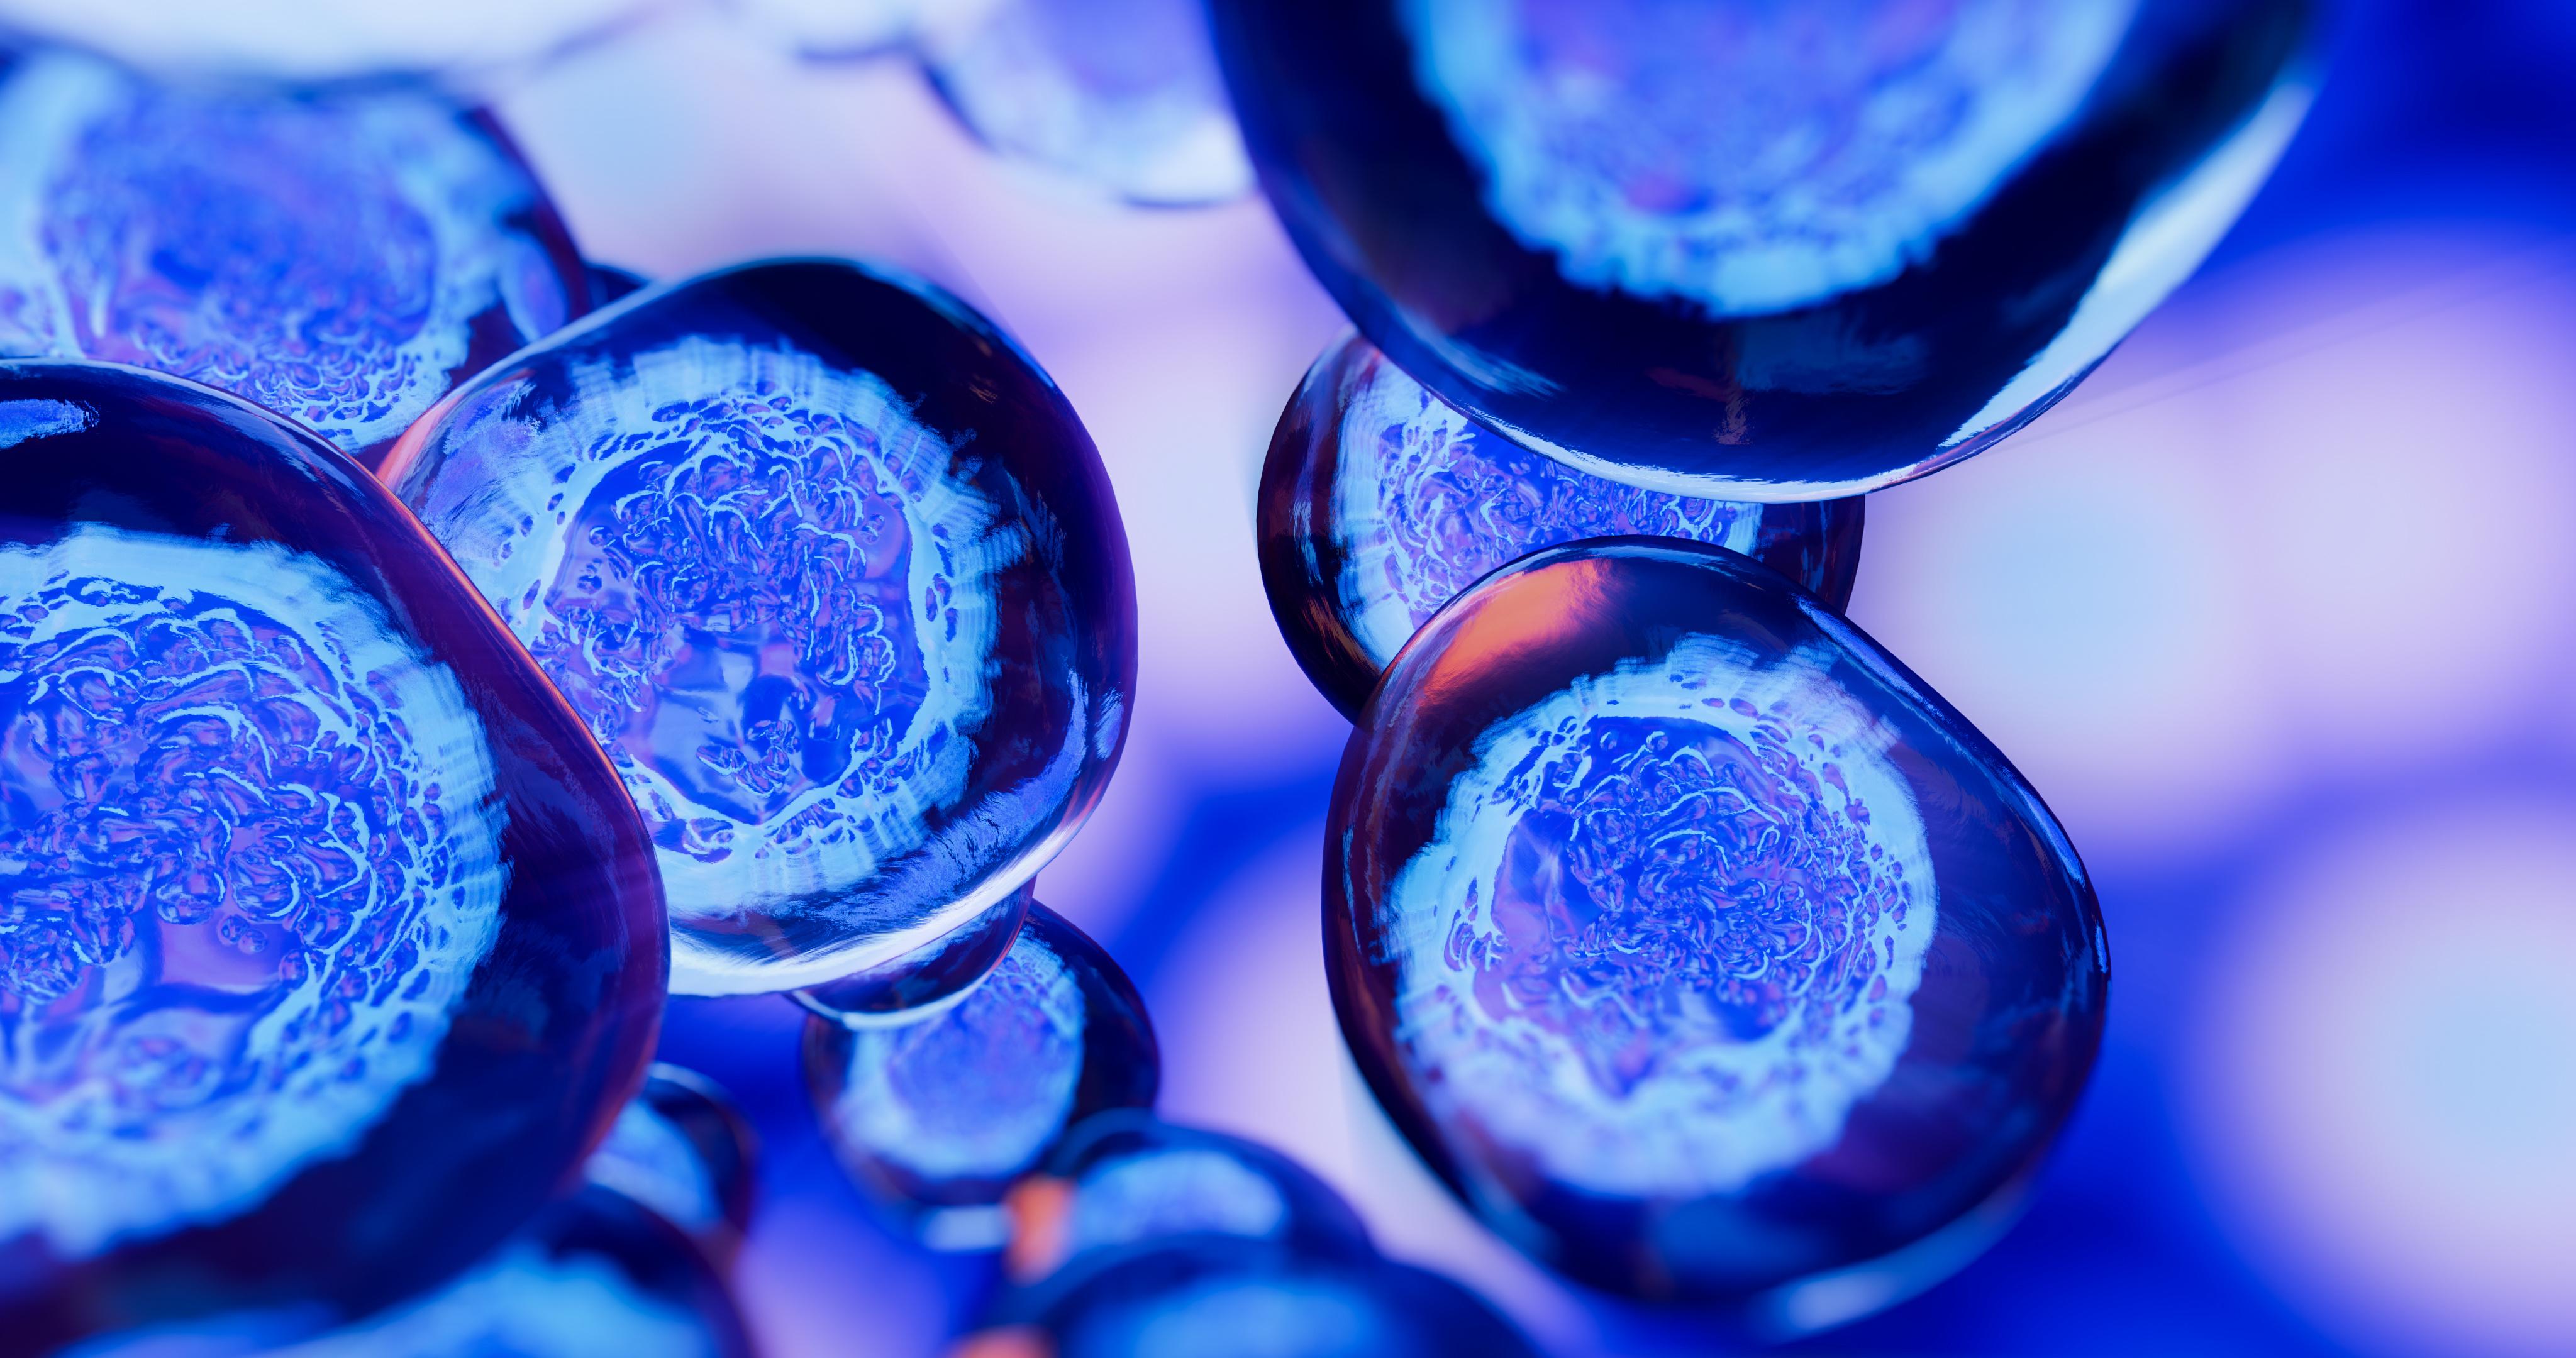 En « ajoutant » des oligonucléotides antisens, il serait possible de rétablir une division cellulaire plus normalisée.